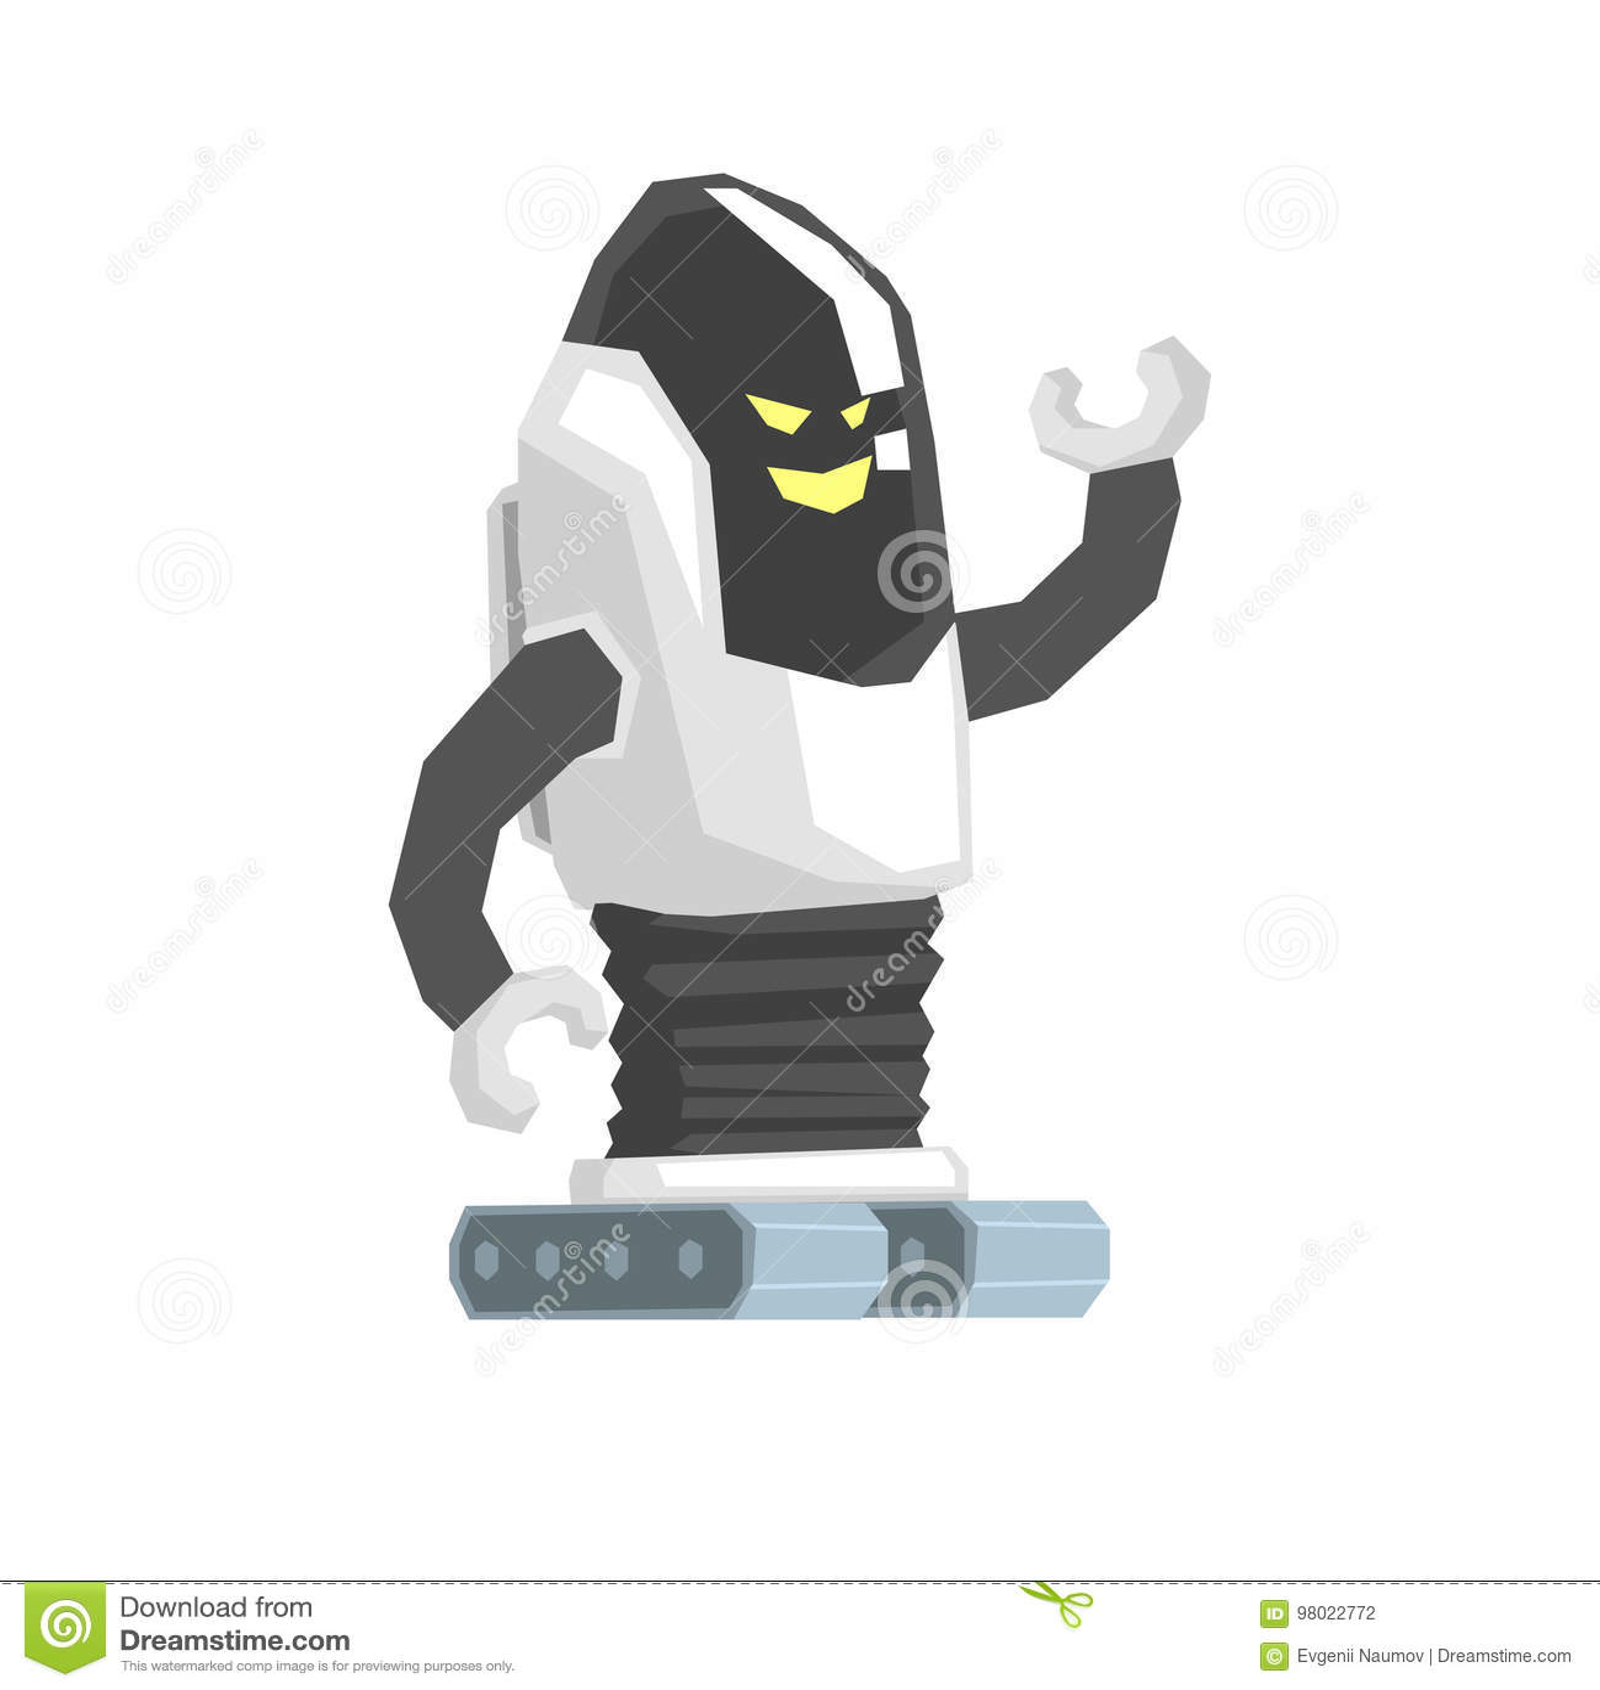 Kreskówka śpioszka robota cyborga charakteru wektoru ilustracja